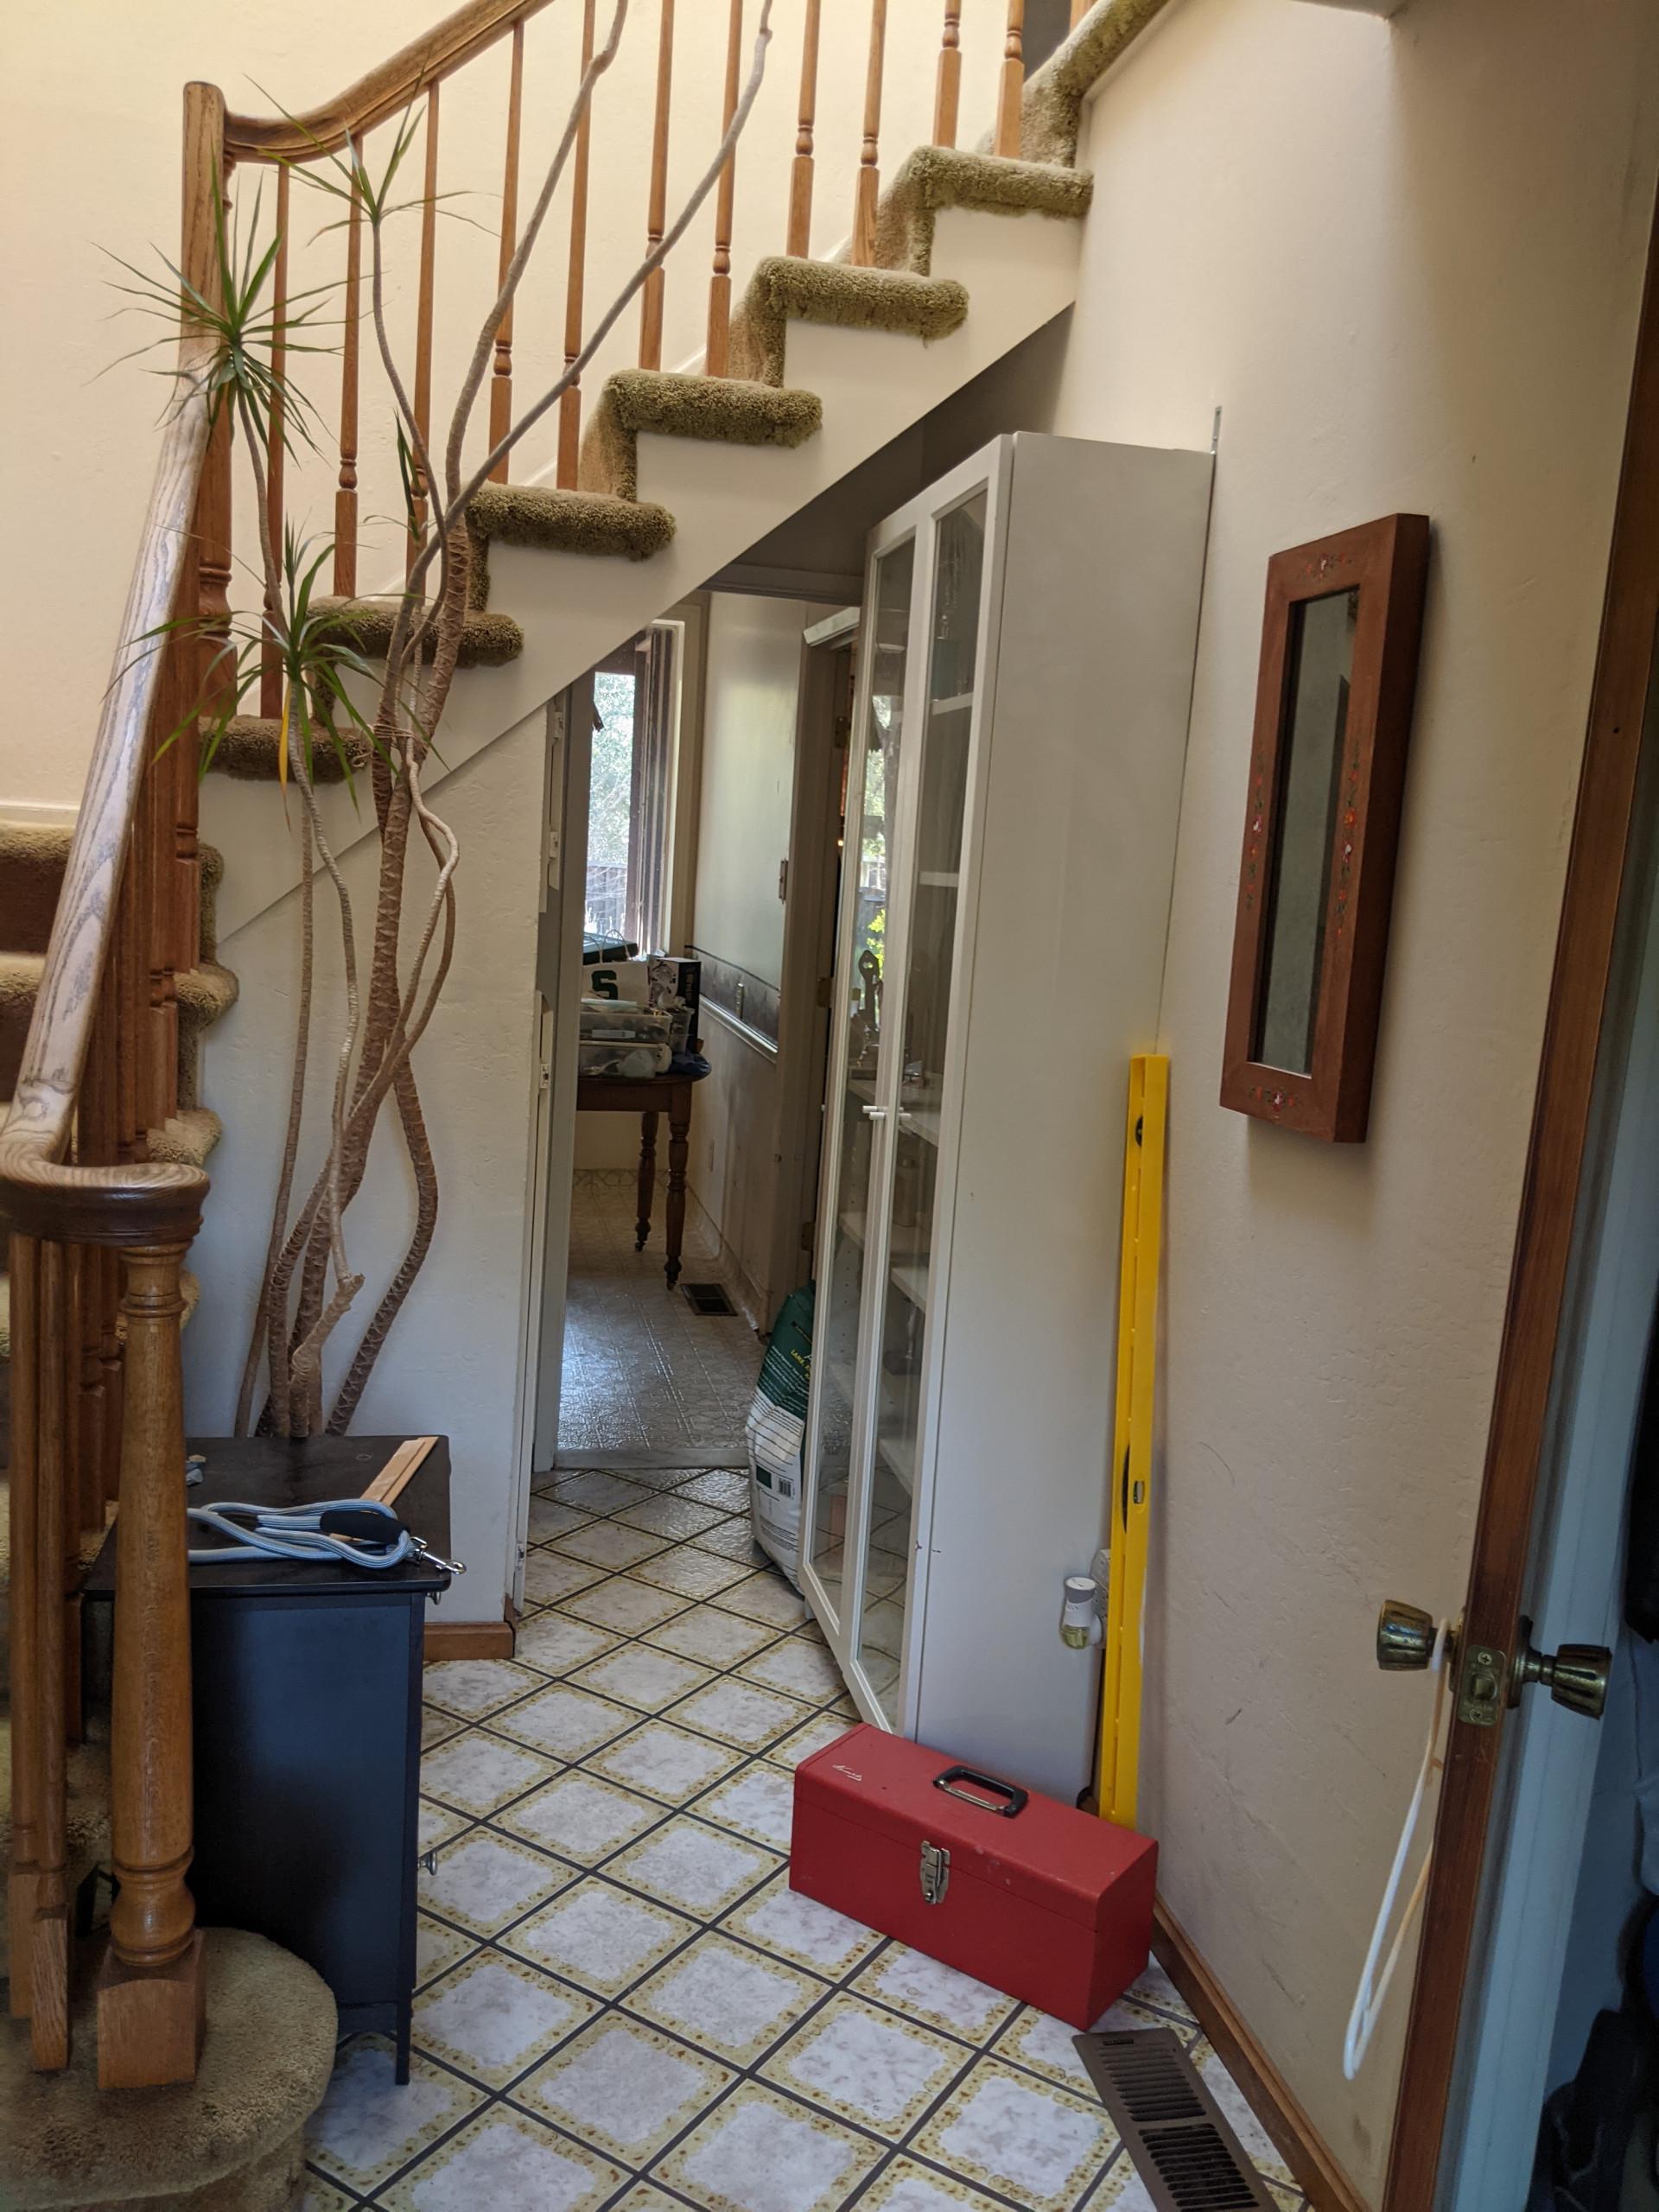 Saratoga-Los Gatos Rd Home Remodel